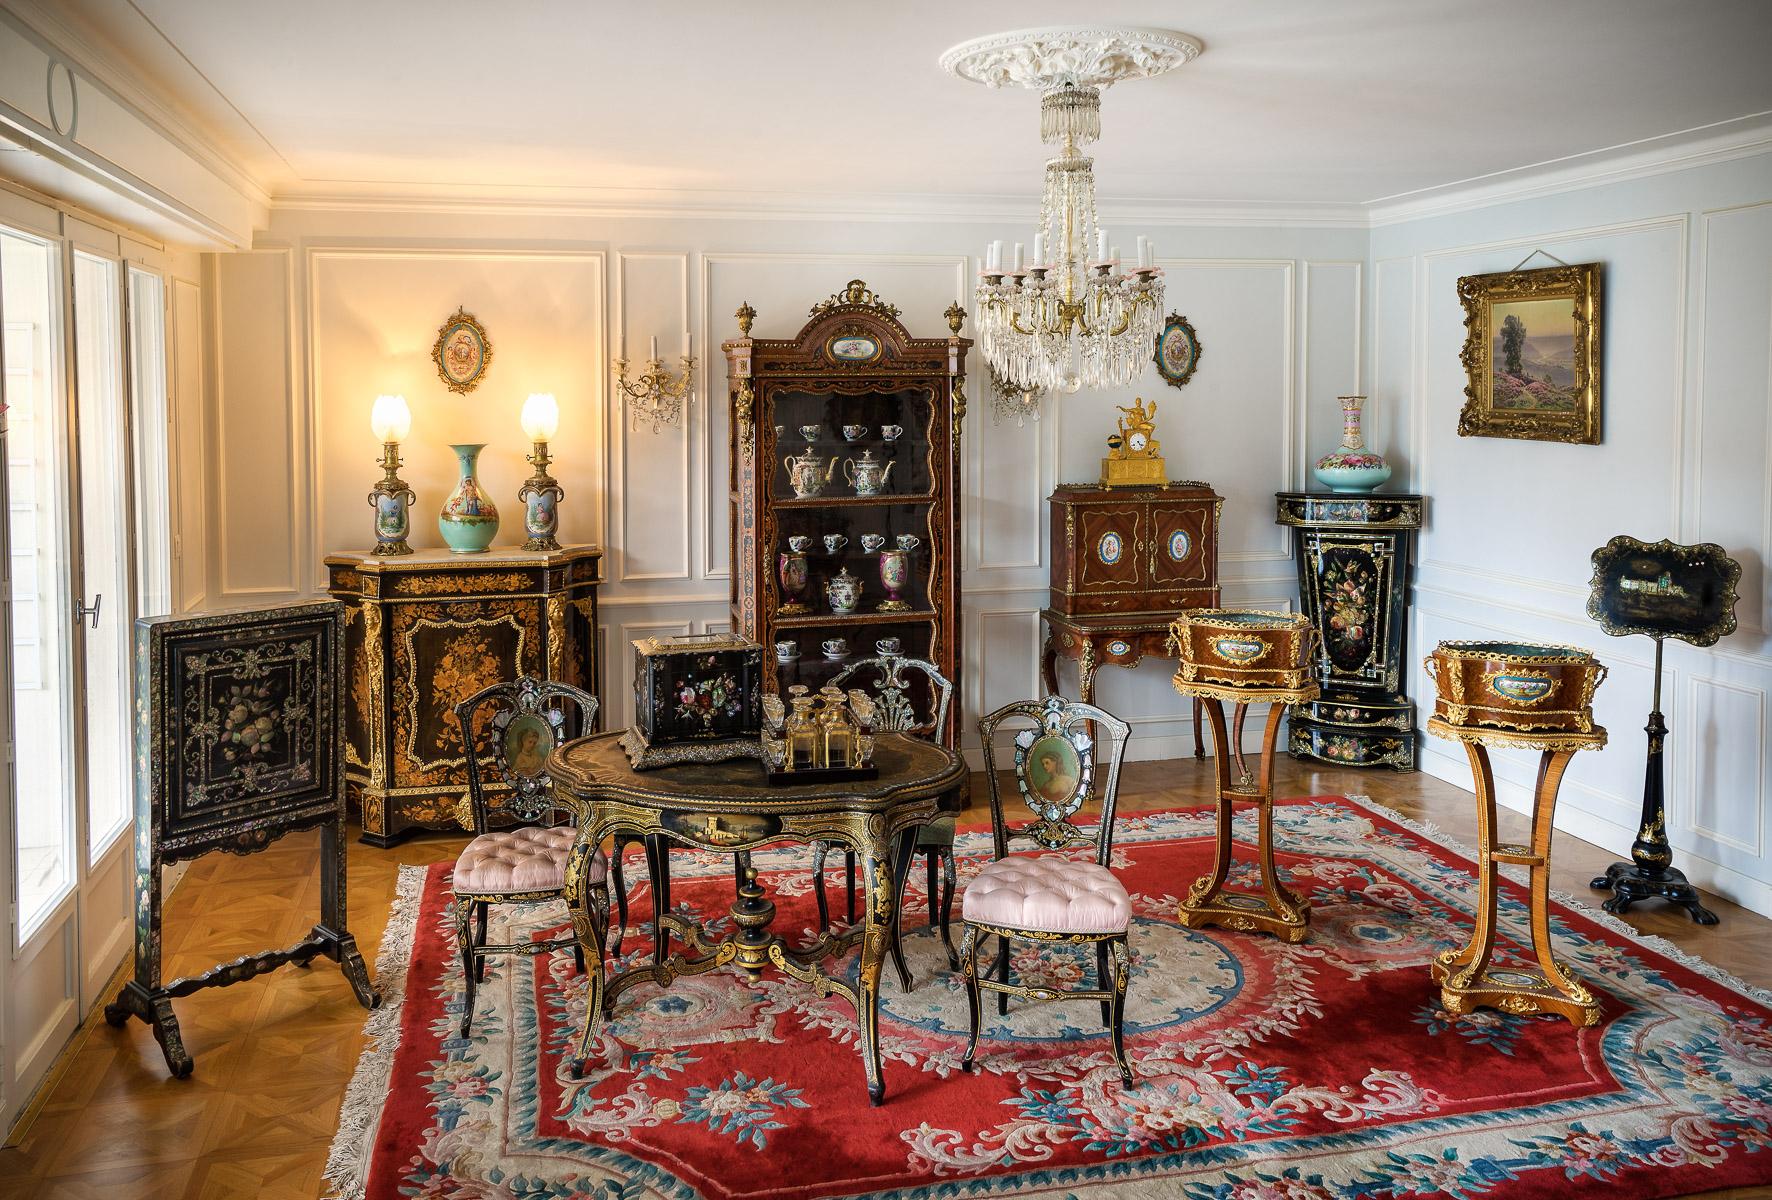 longwy pour pomone bon march plat rond creux en fa ence fine d cor floral stylis en maux. Black Bedroom Furniture Sets. Home Design Ideas